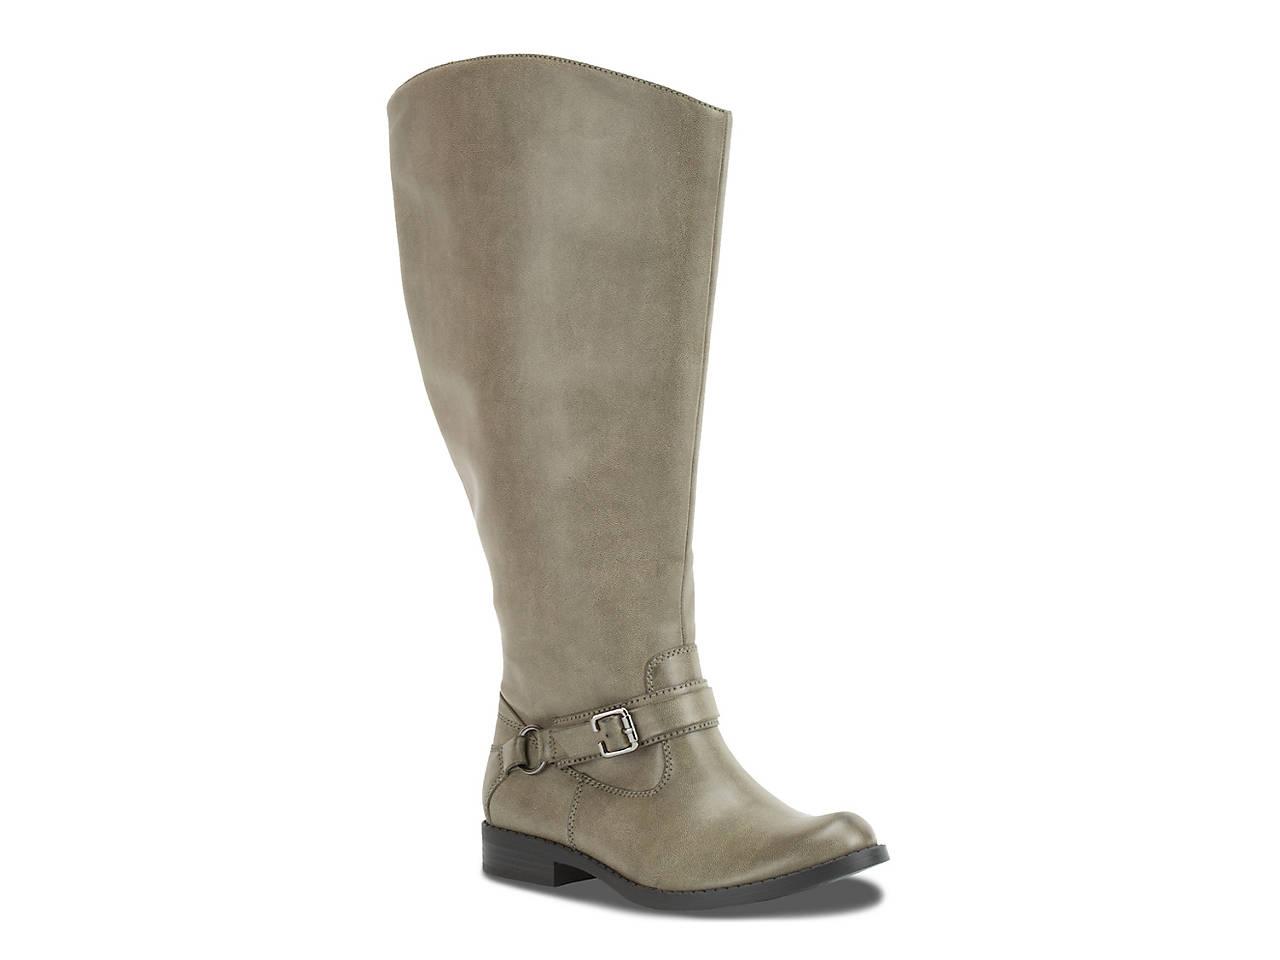 5e86d55c8d5 Easy Street Quinn Extra Wide Calf Riding Boot Women s Shoes